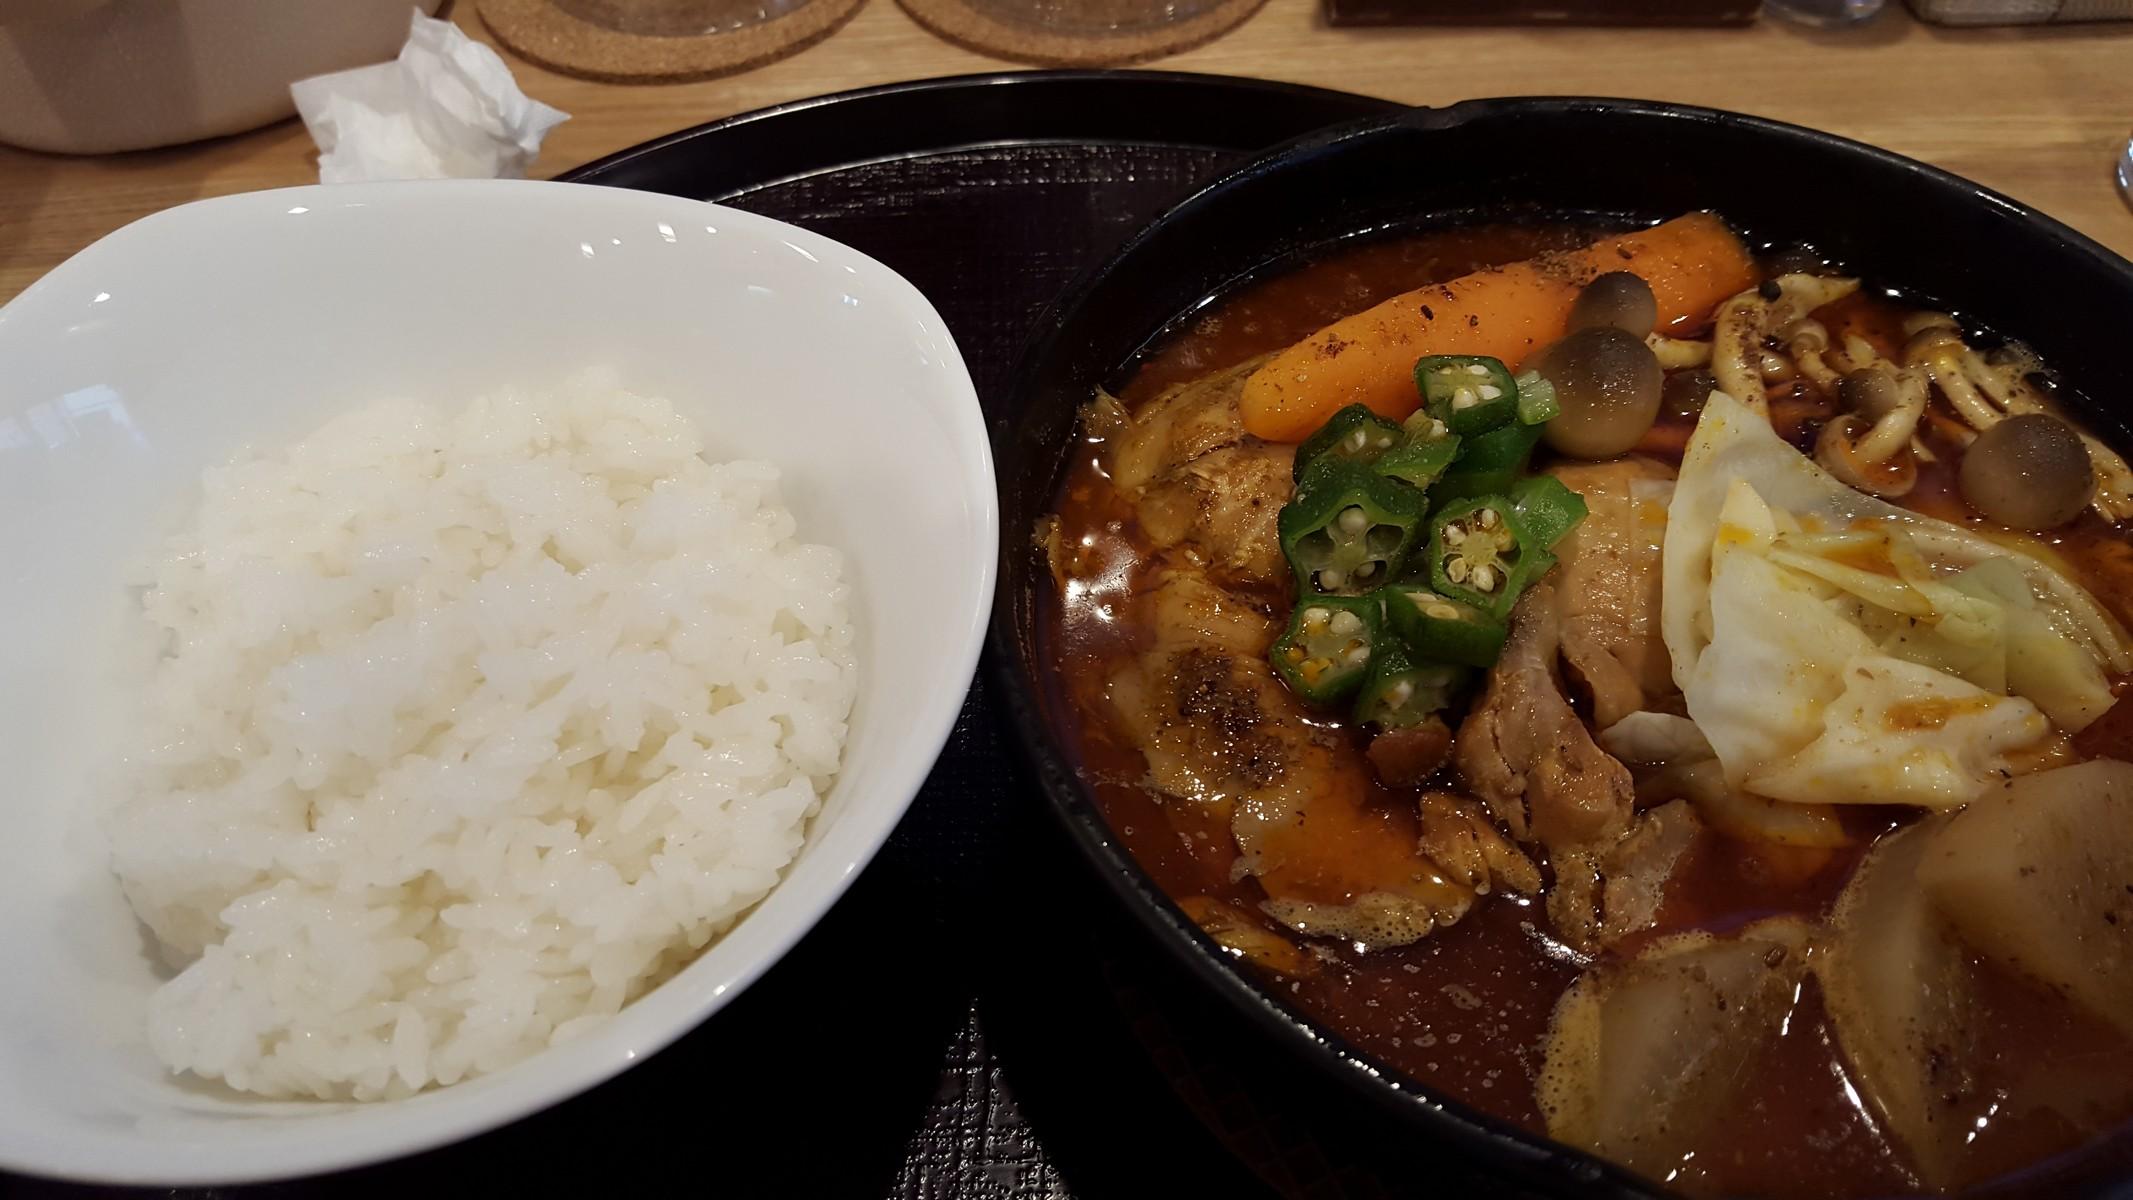 スープカレー【スープカレー米KURA/淡路町】